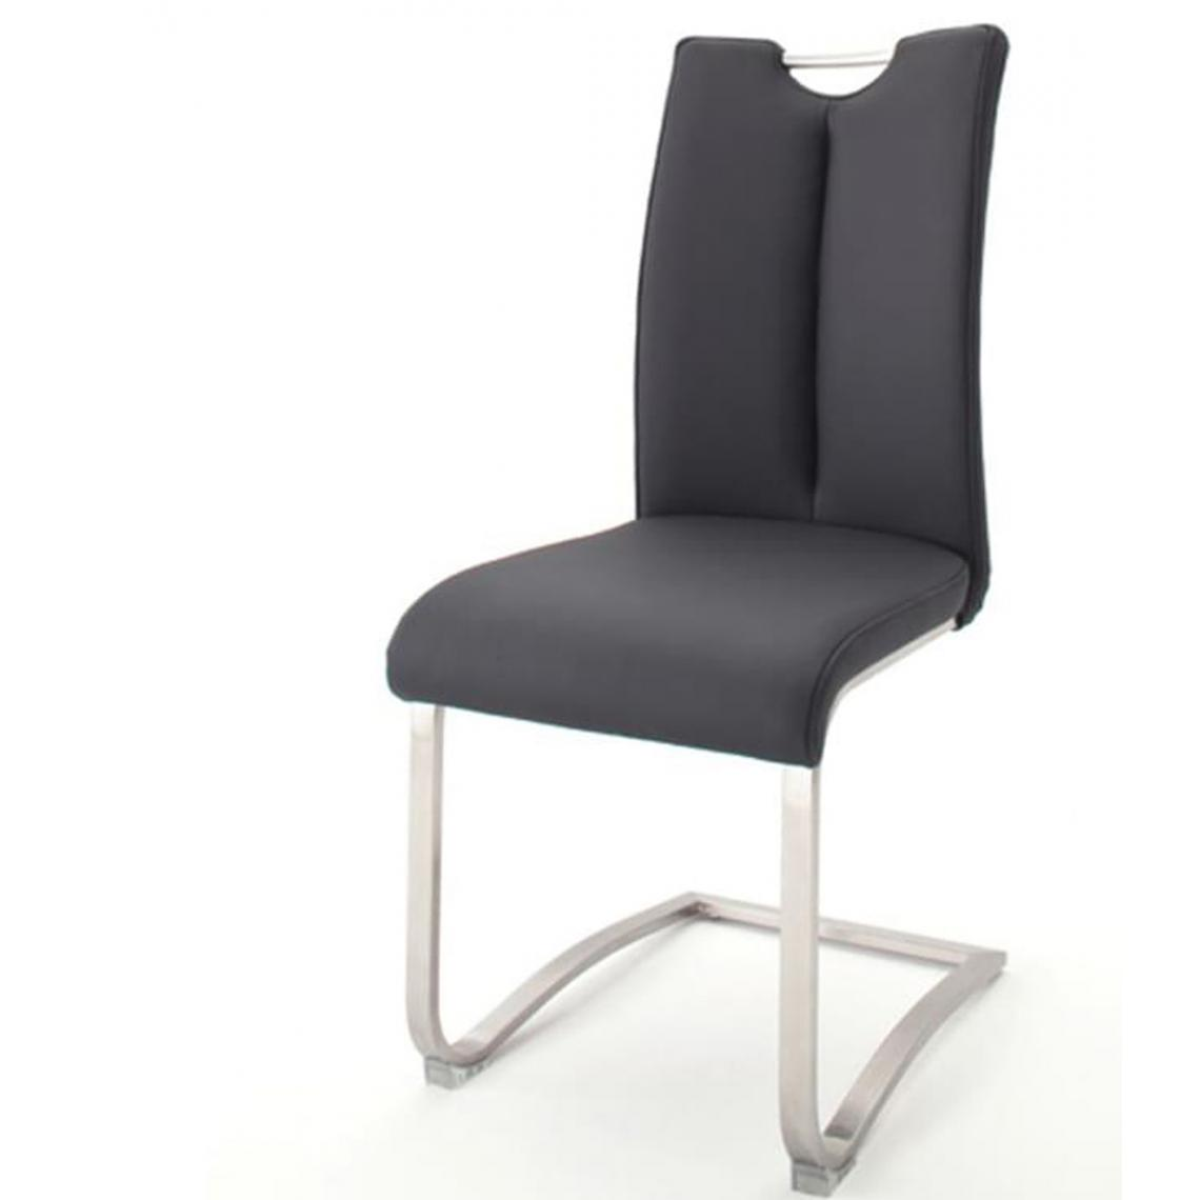 Pegane Lot de 2 chaises de salle à manger en acier et cuir artificiel gris - H.102 x L.45 x P.58 cm